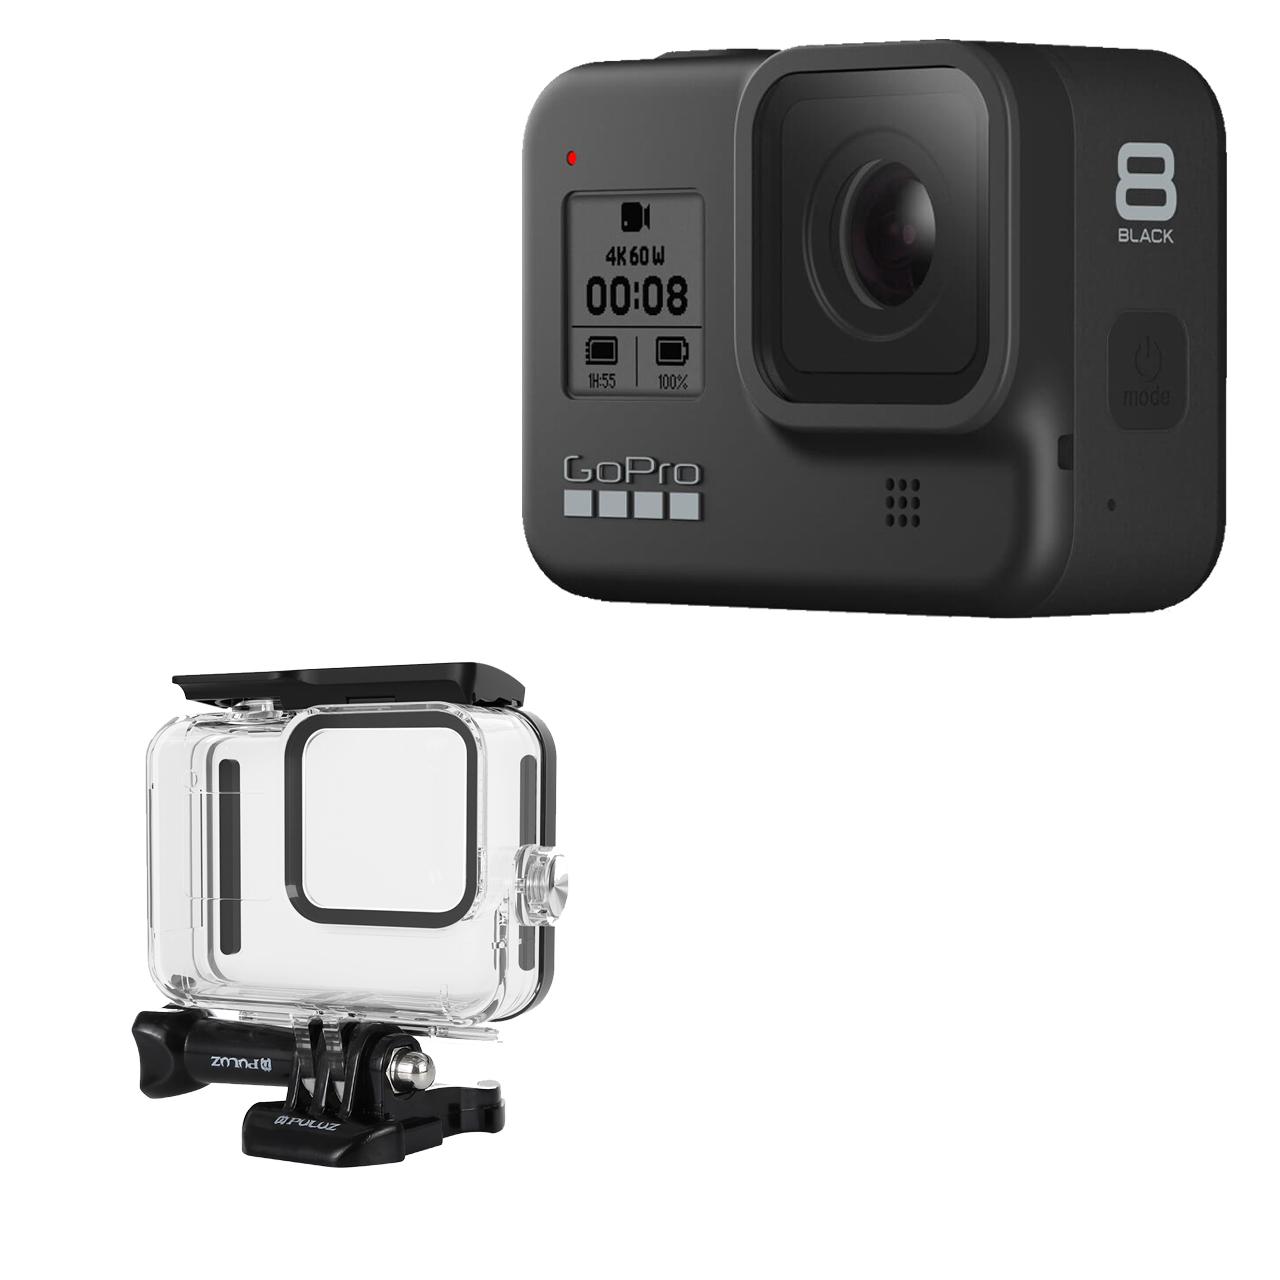 بررسی و {خرید با تخفیف}                                     دوربین فیلم برداری ورزشی گوپرو مدل HERO8 Black به همراه کاور                             اصل